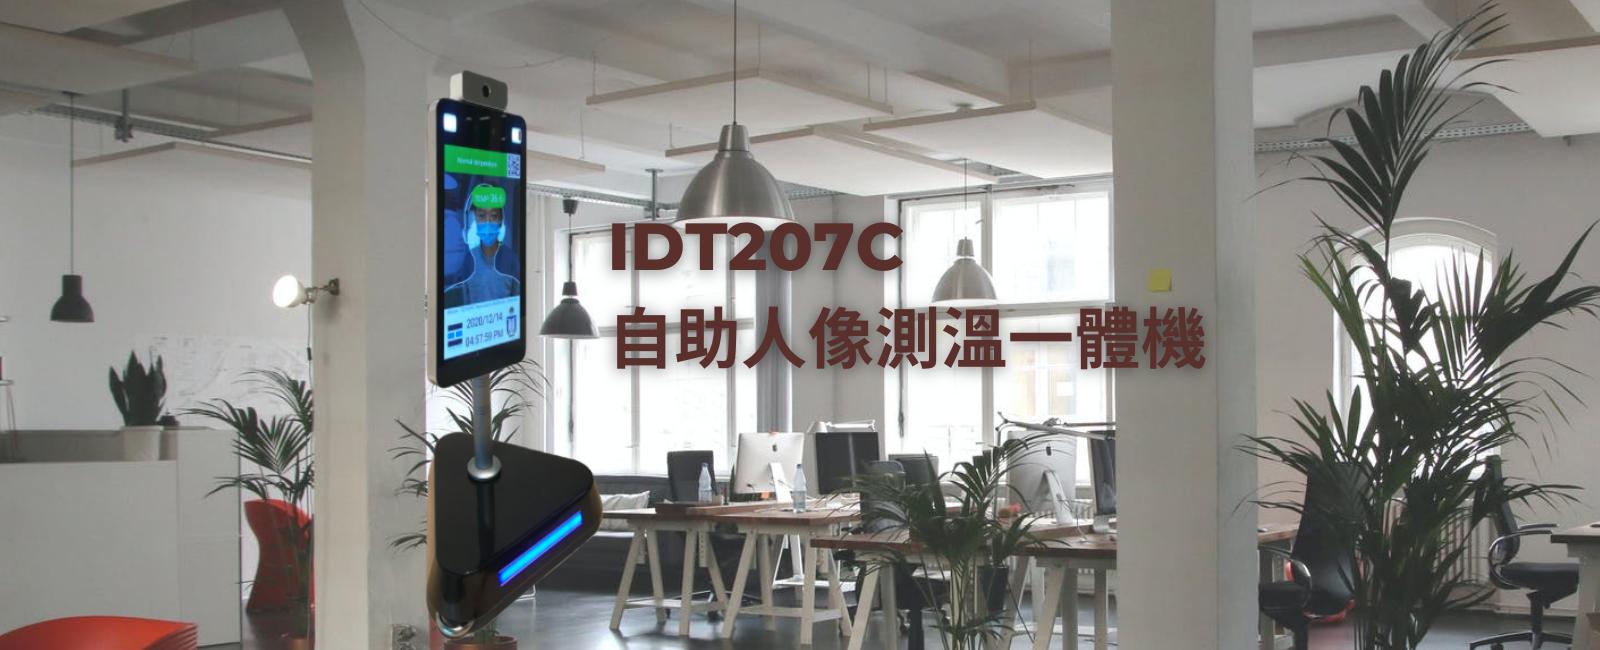 IDT207C